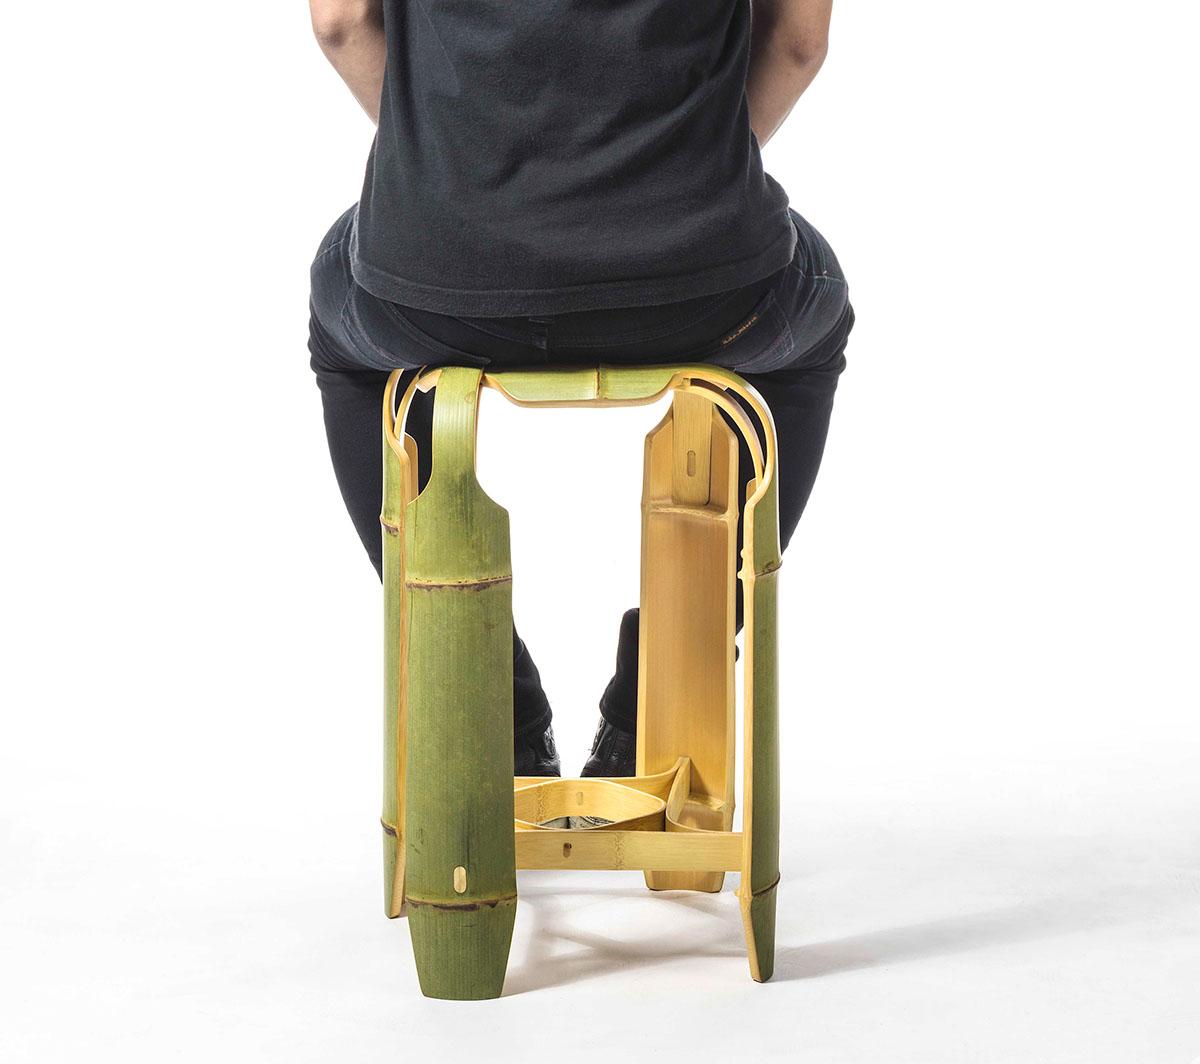 Ching-chair-hisheji (9)